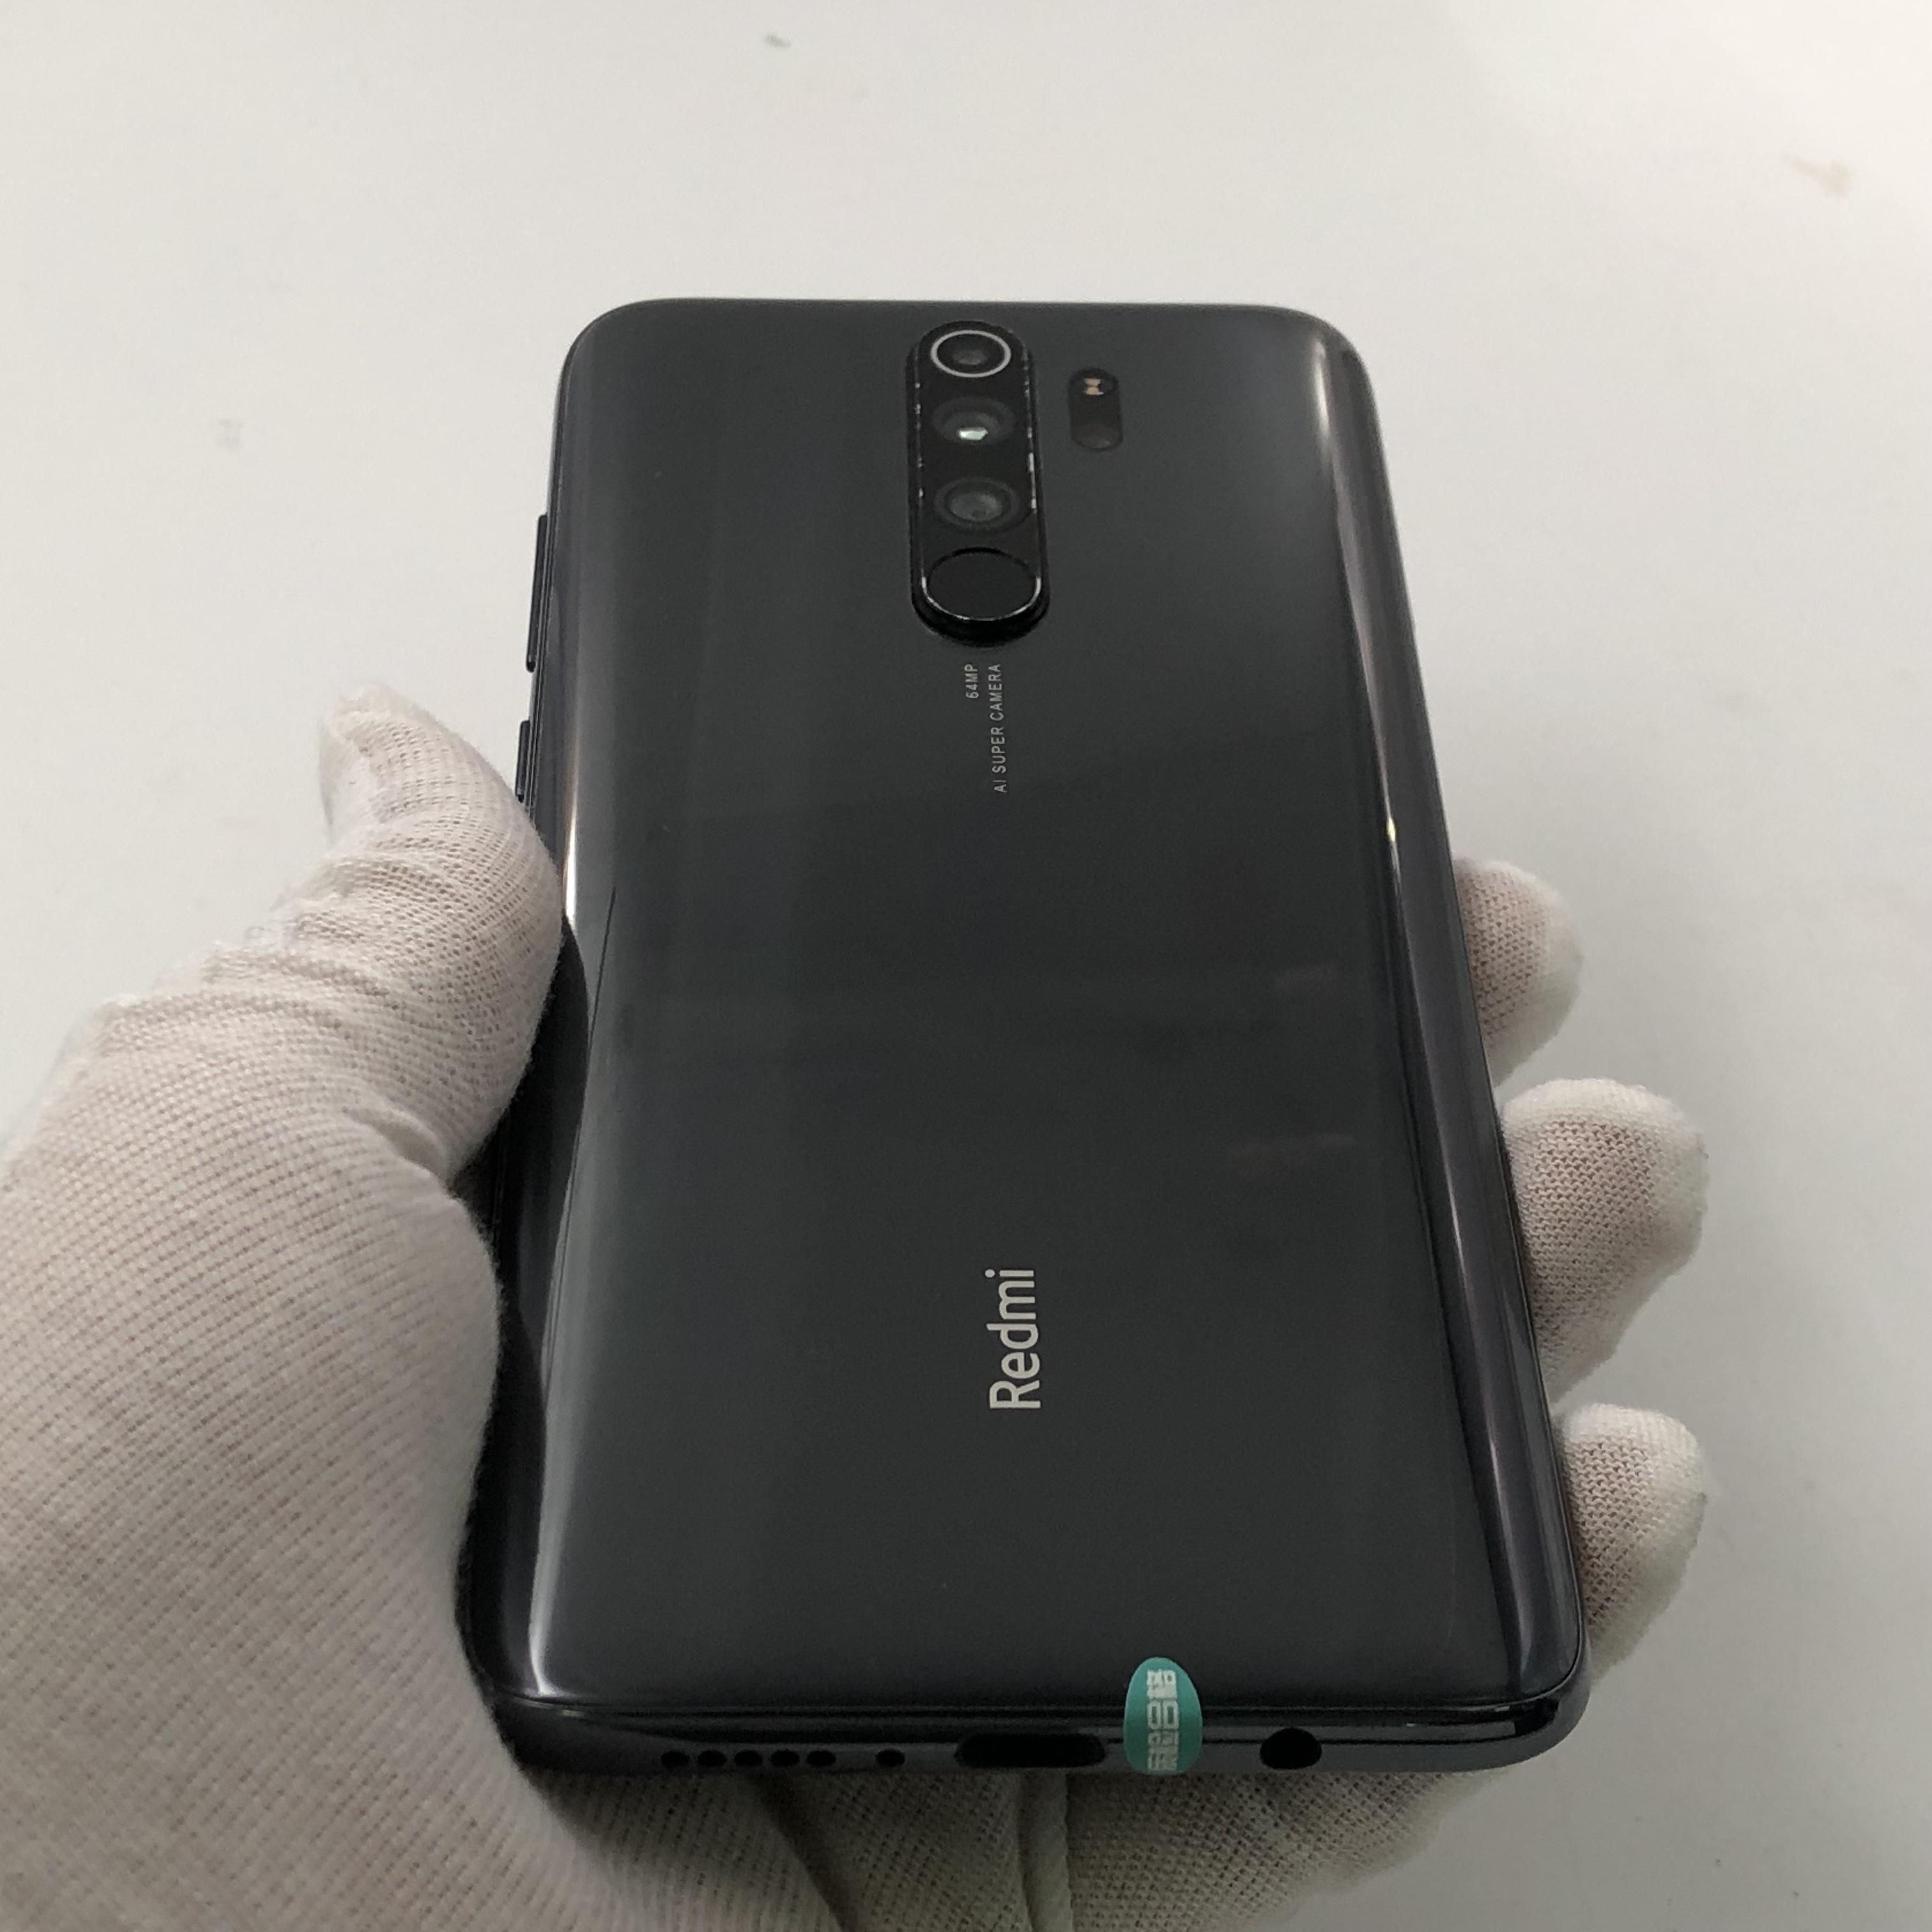 小米【Redmi Note 8 Pro】4G全网通 电光灰 8G/128G 国行 9成新